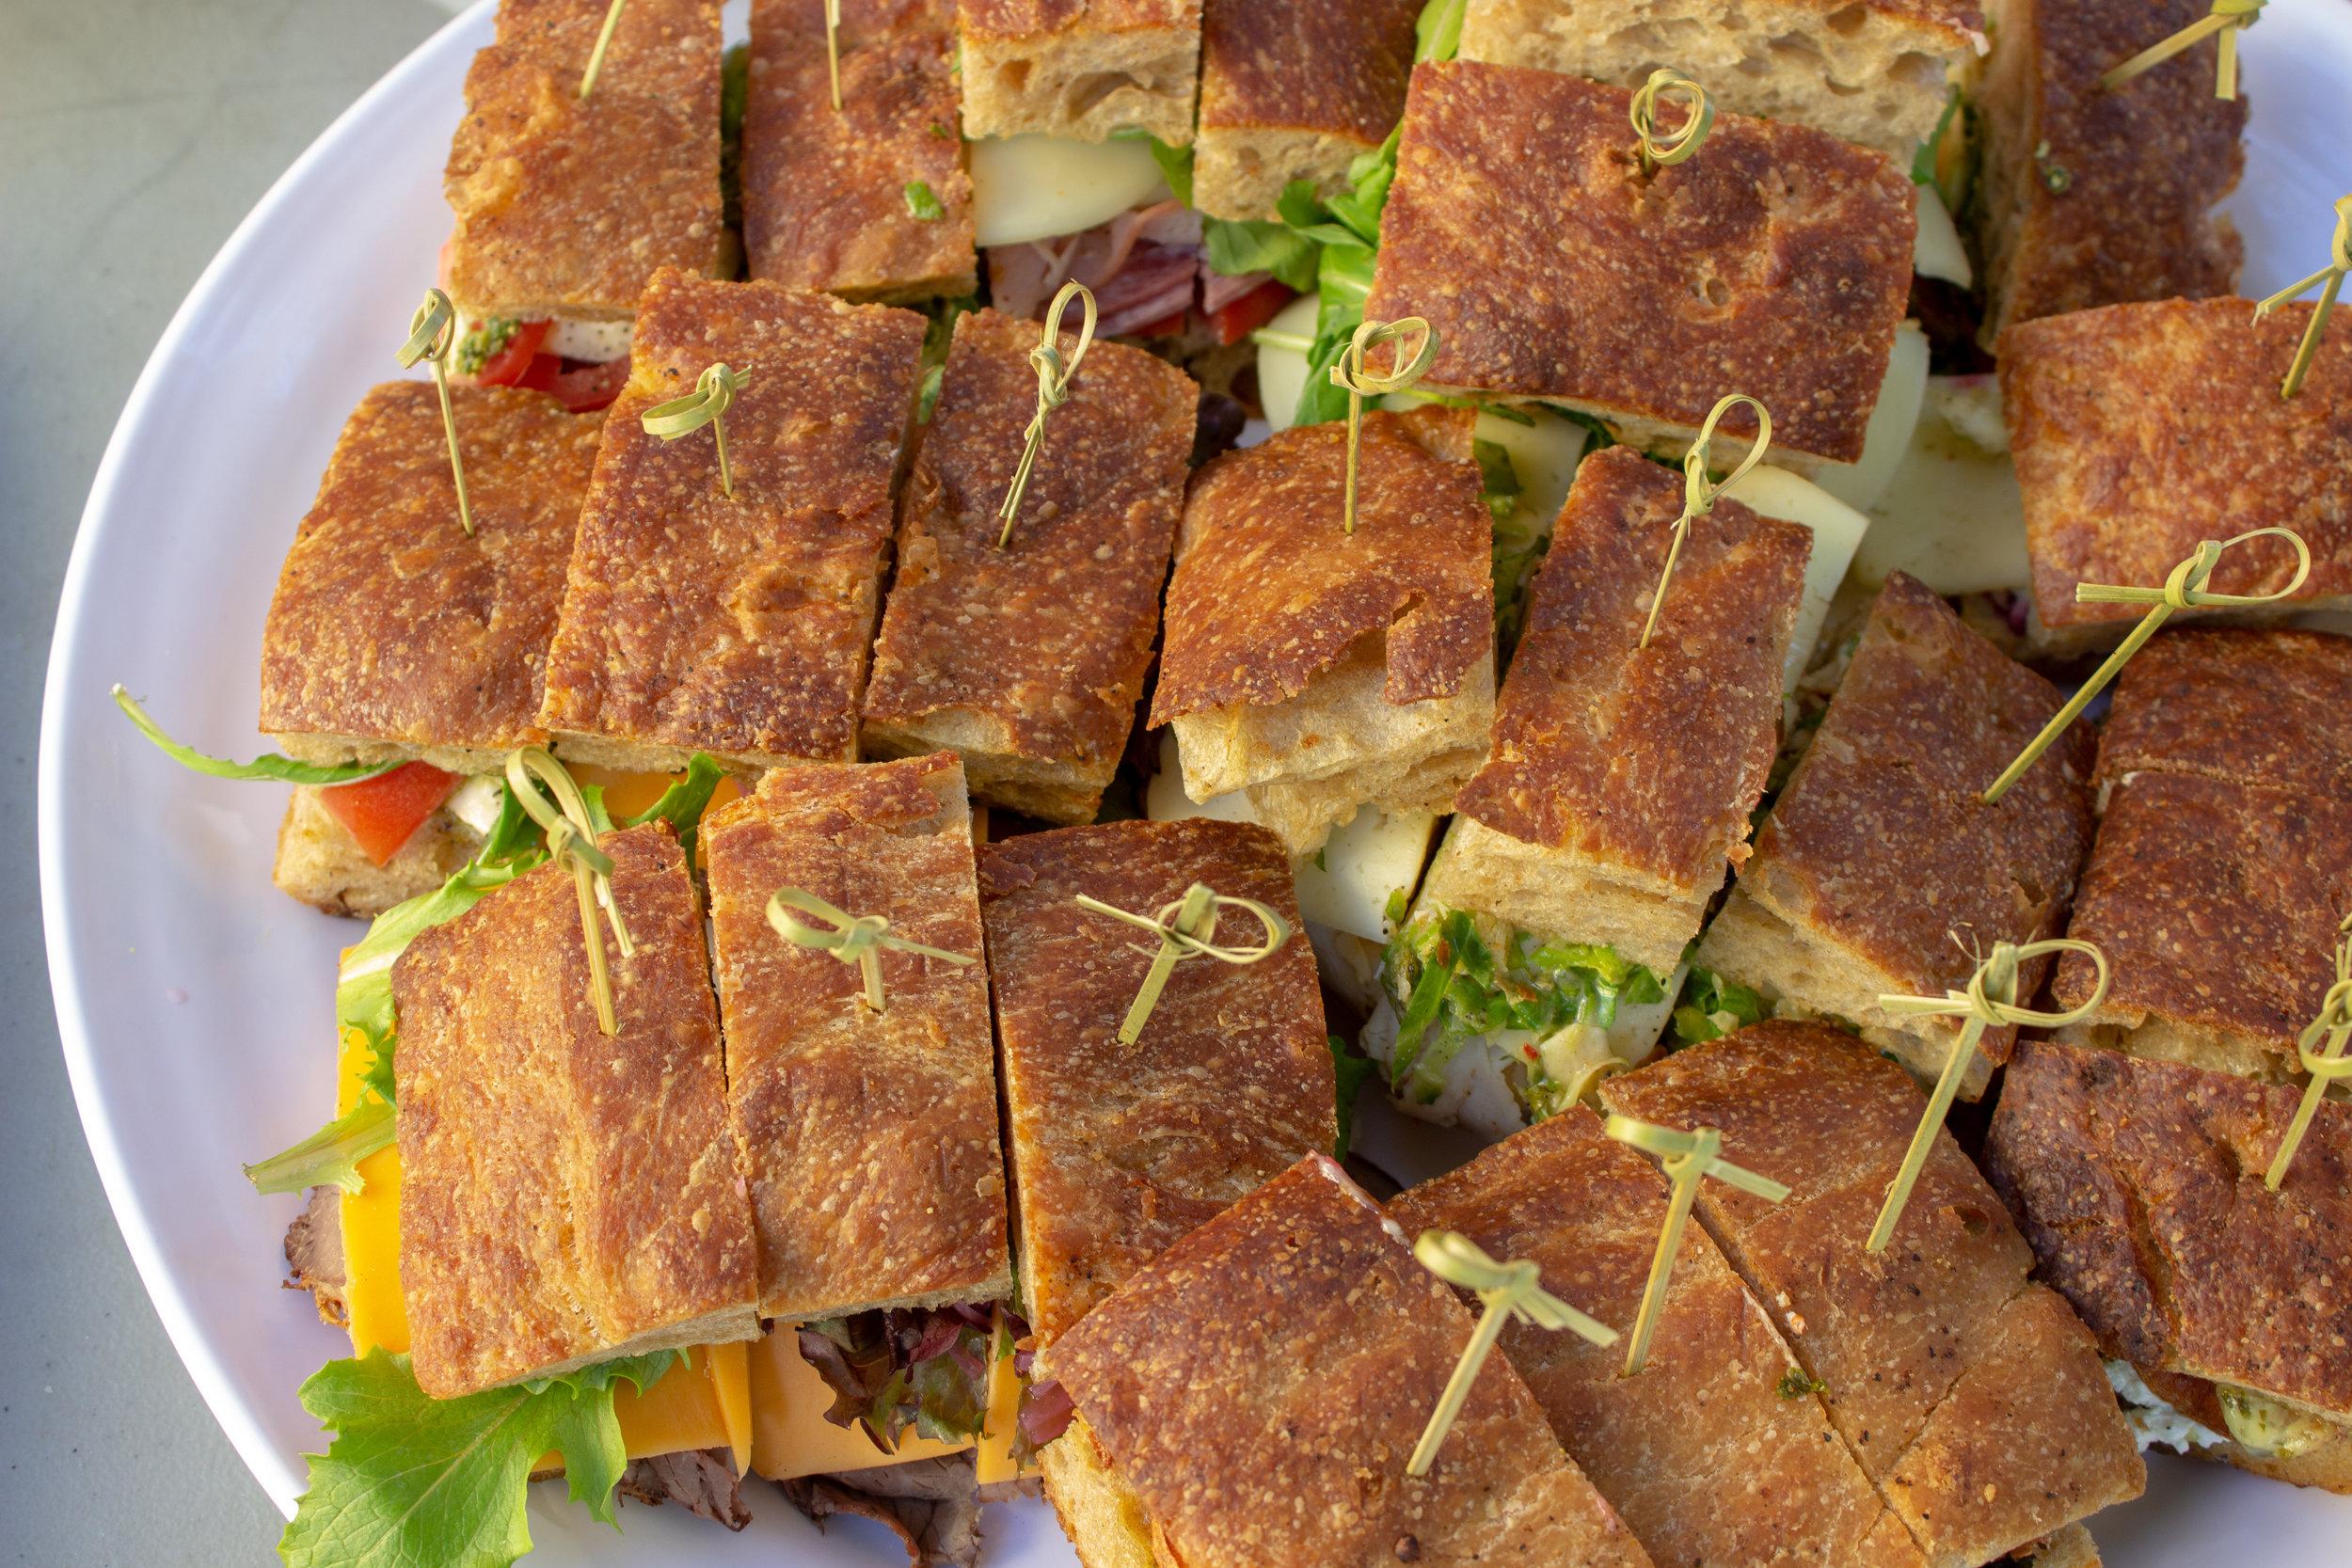 Mini Market Sandwich Platter